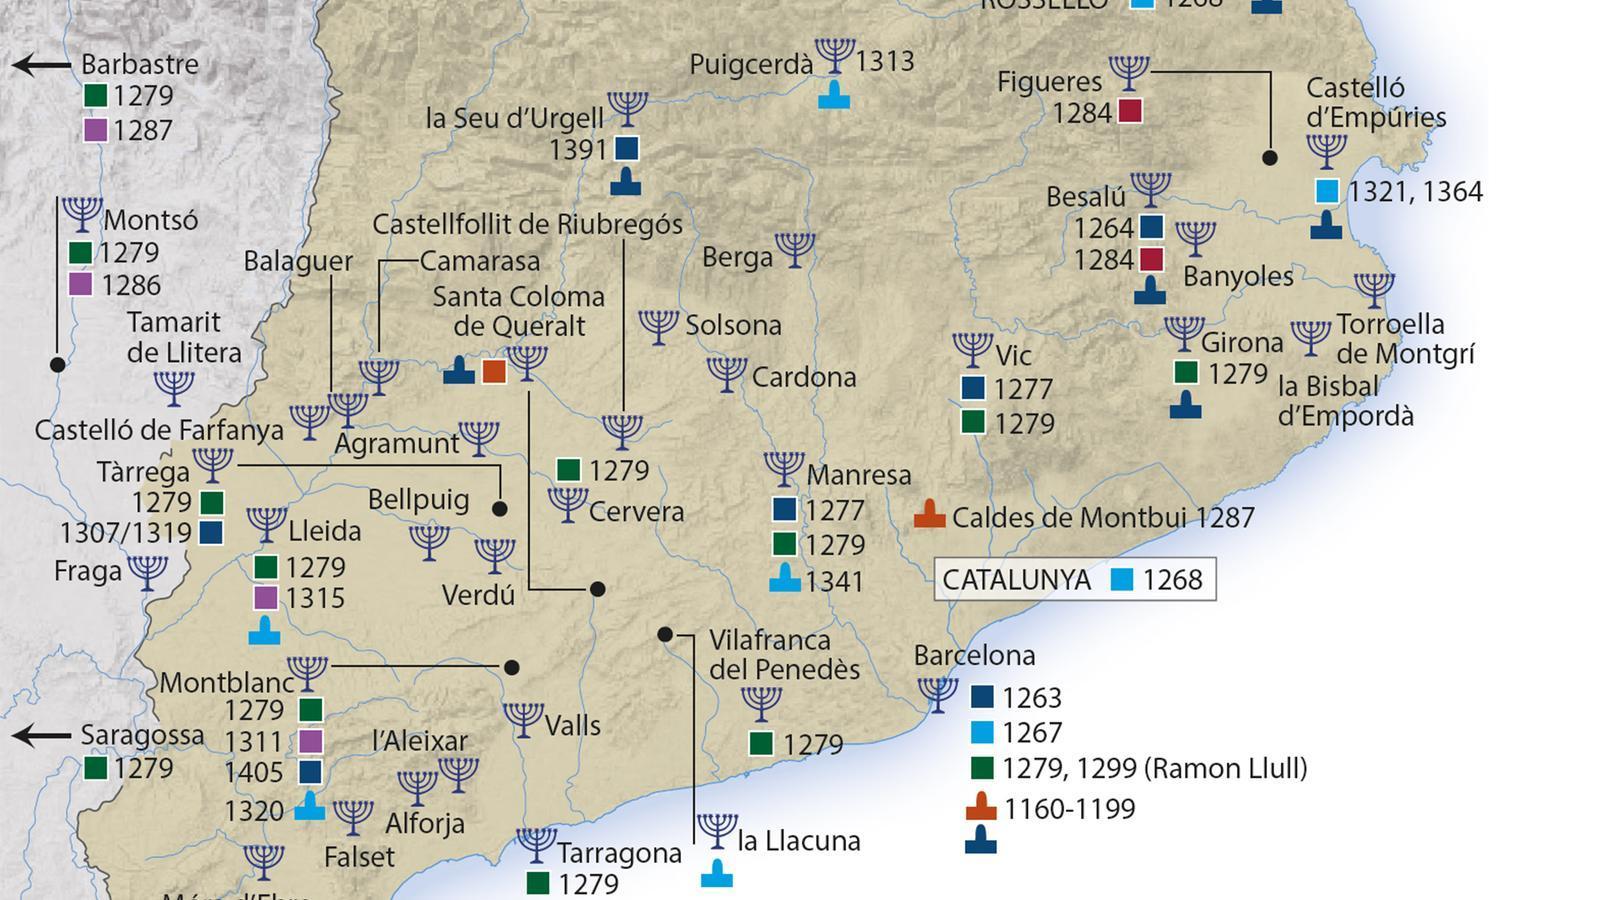 La història dels jueus a Catalunya en 140 mapes